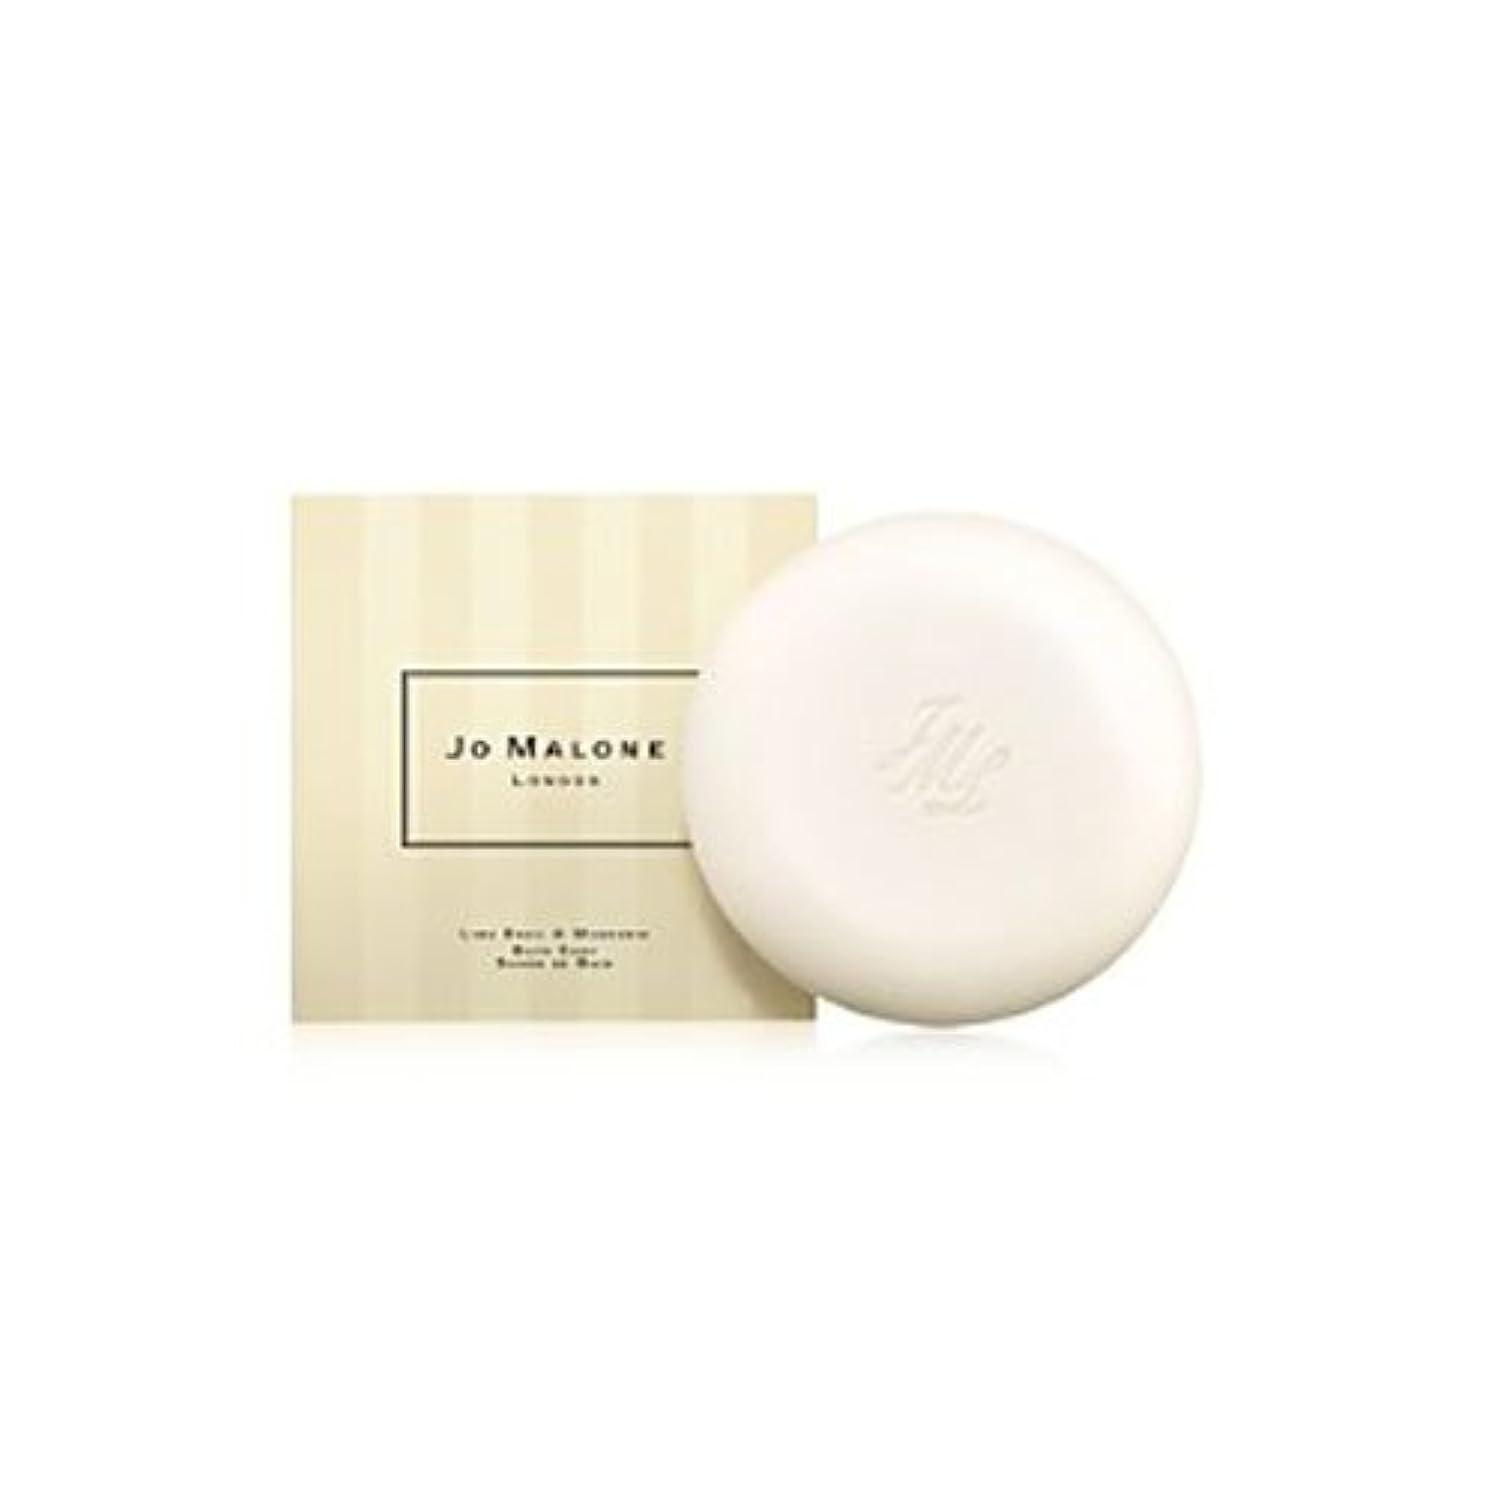 シンプルな虚栄心剃るジョー マローン ライムバジル&マンダリン ソープ 180g JO MALONE LIME BASIL&MANDARIN BATH SOAP [並行輸入品]